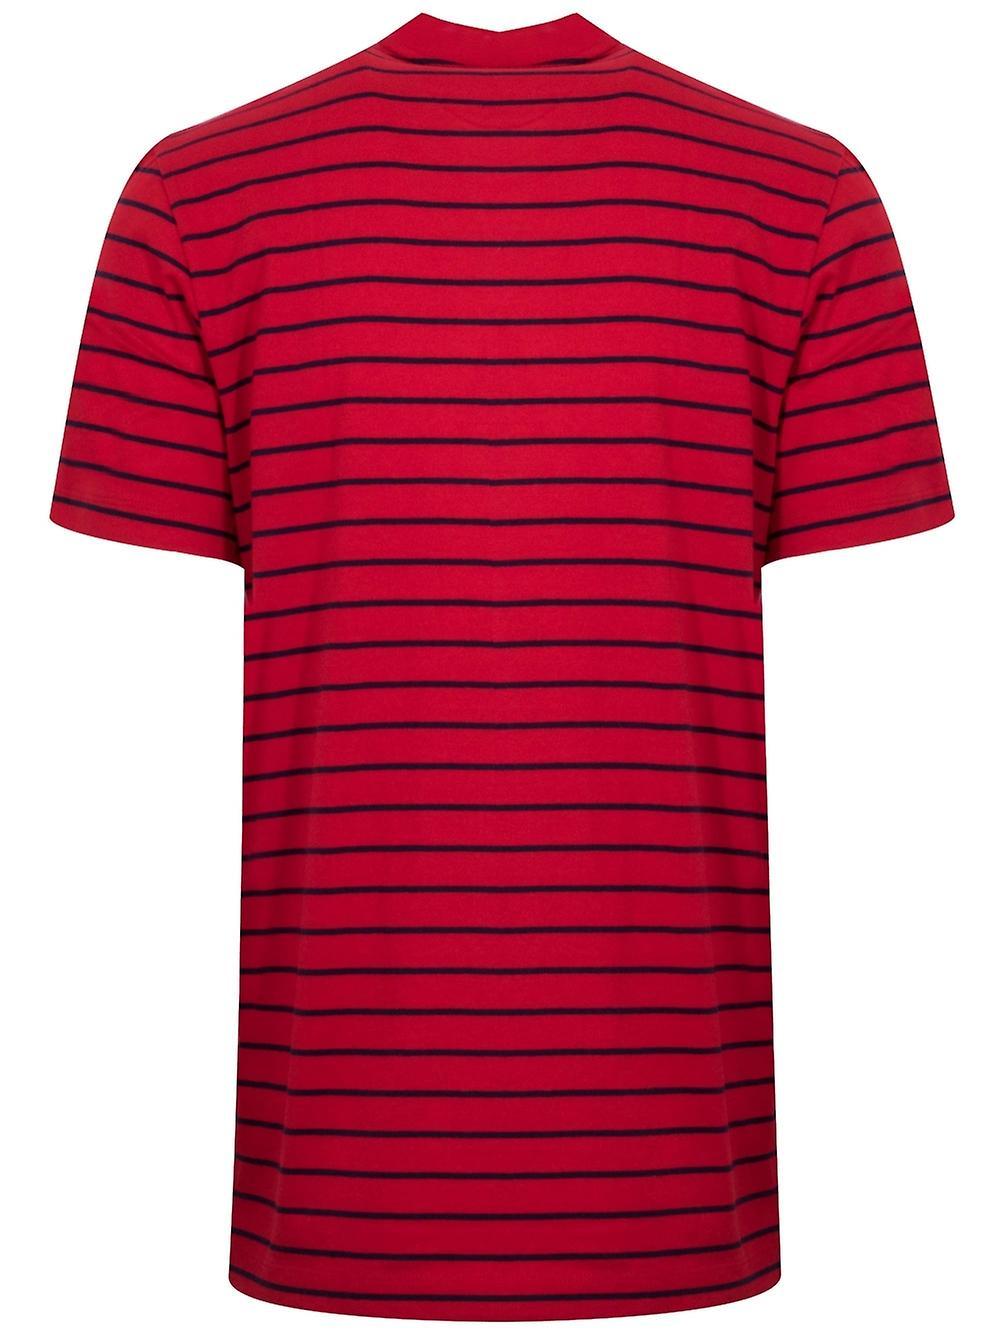 T-shirt à col d'équipage rayé Lacoste Red et Navy